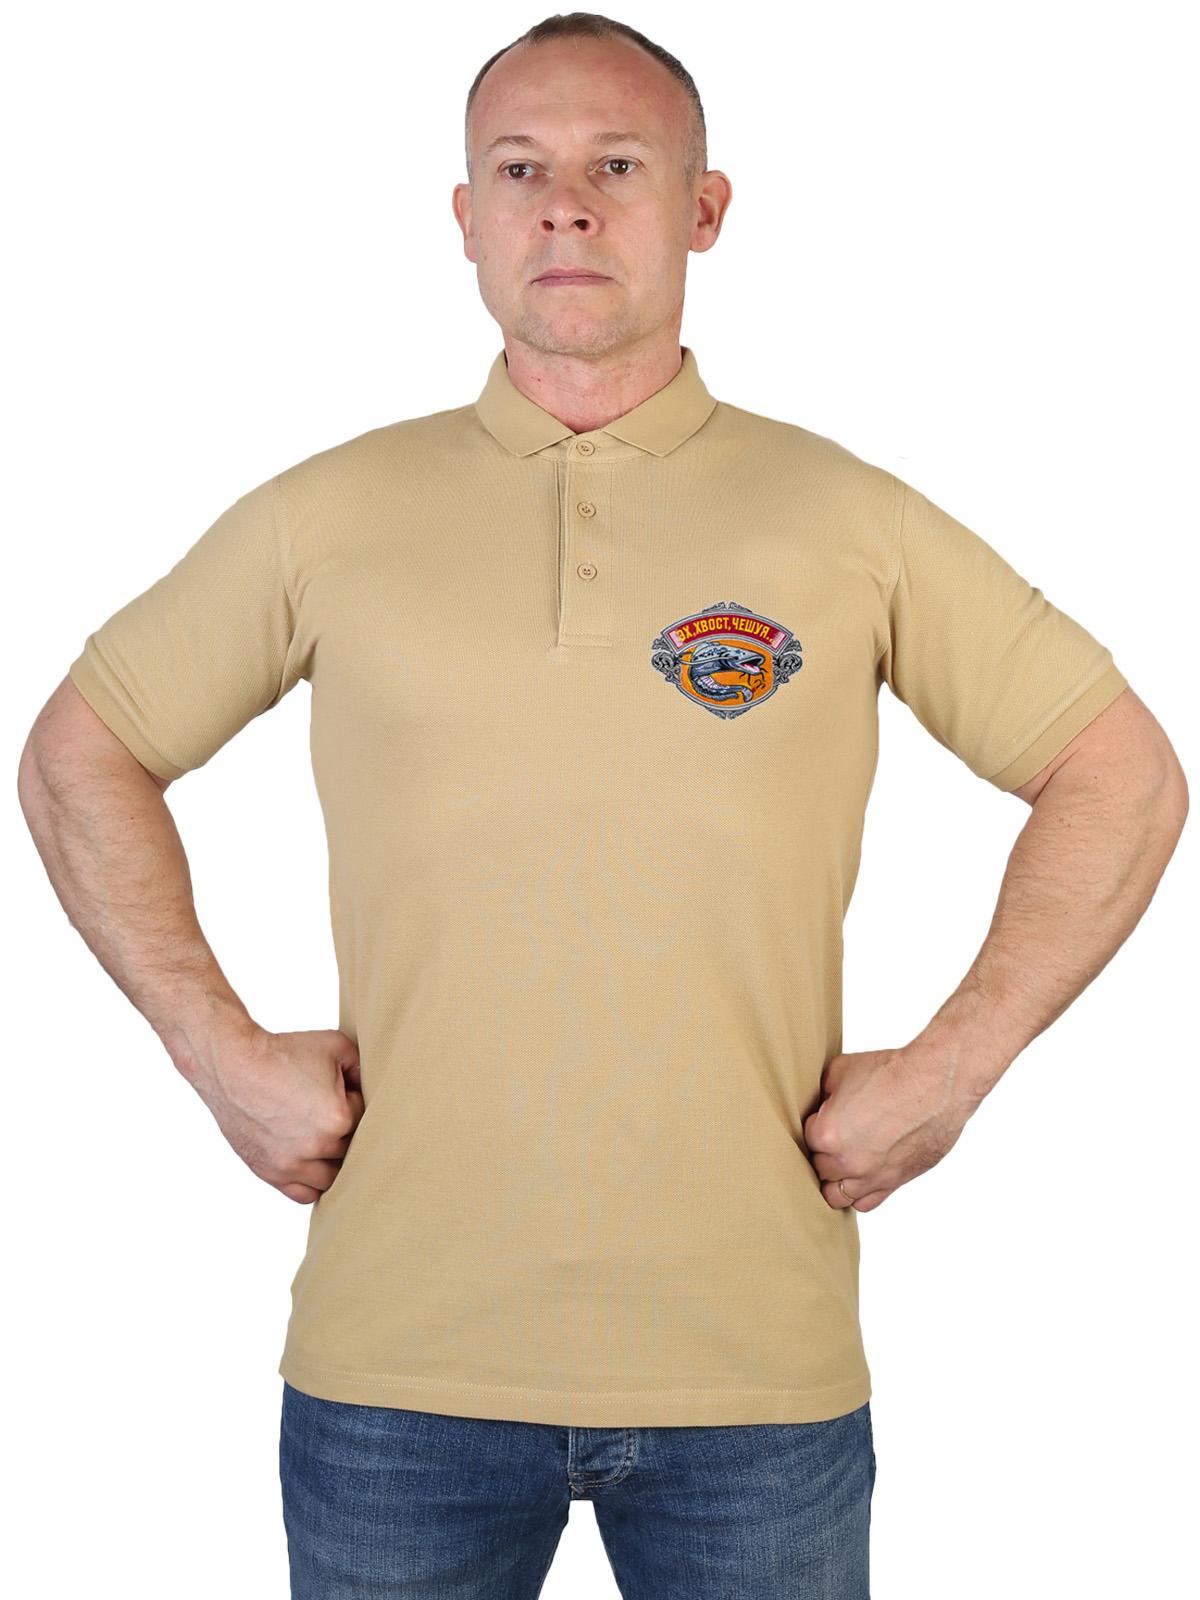 Купить хлопковую оригинальную футболку-поло с рыбацкой вышивкой с доставкой